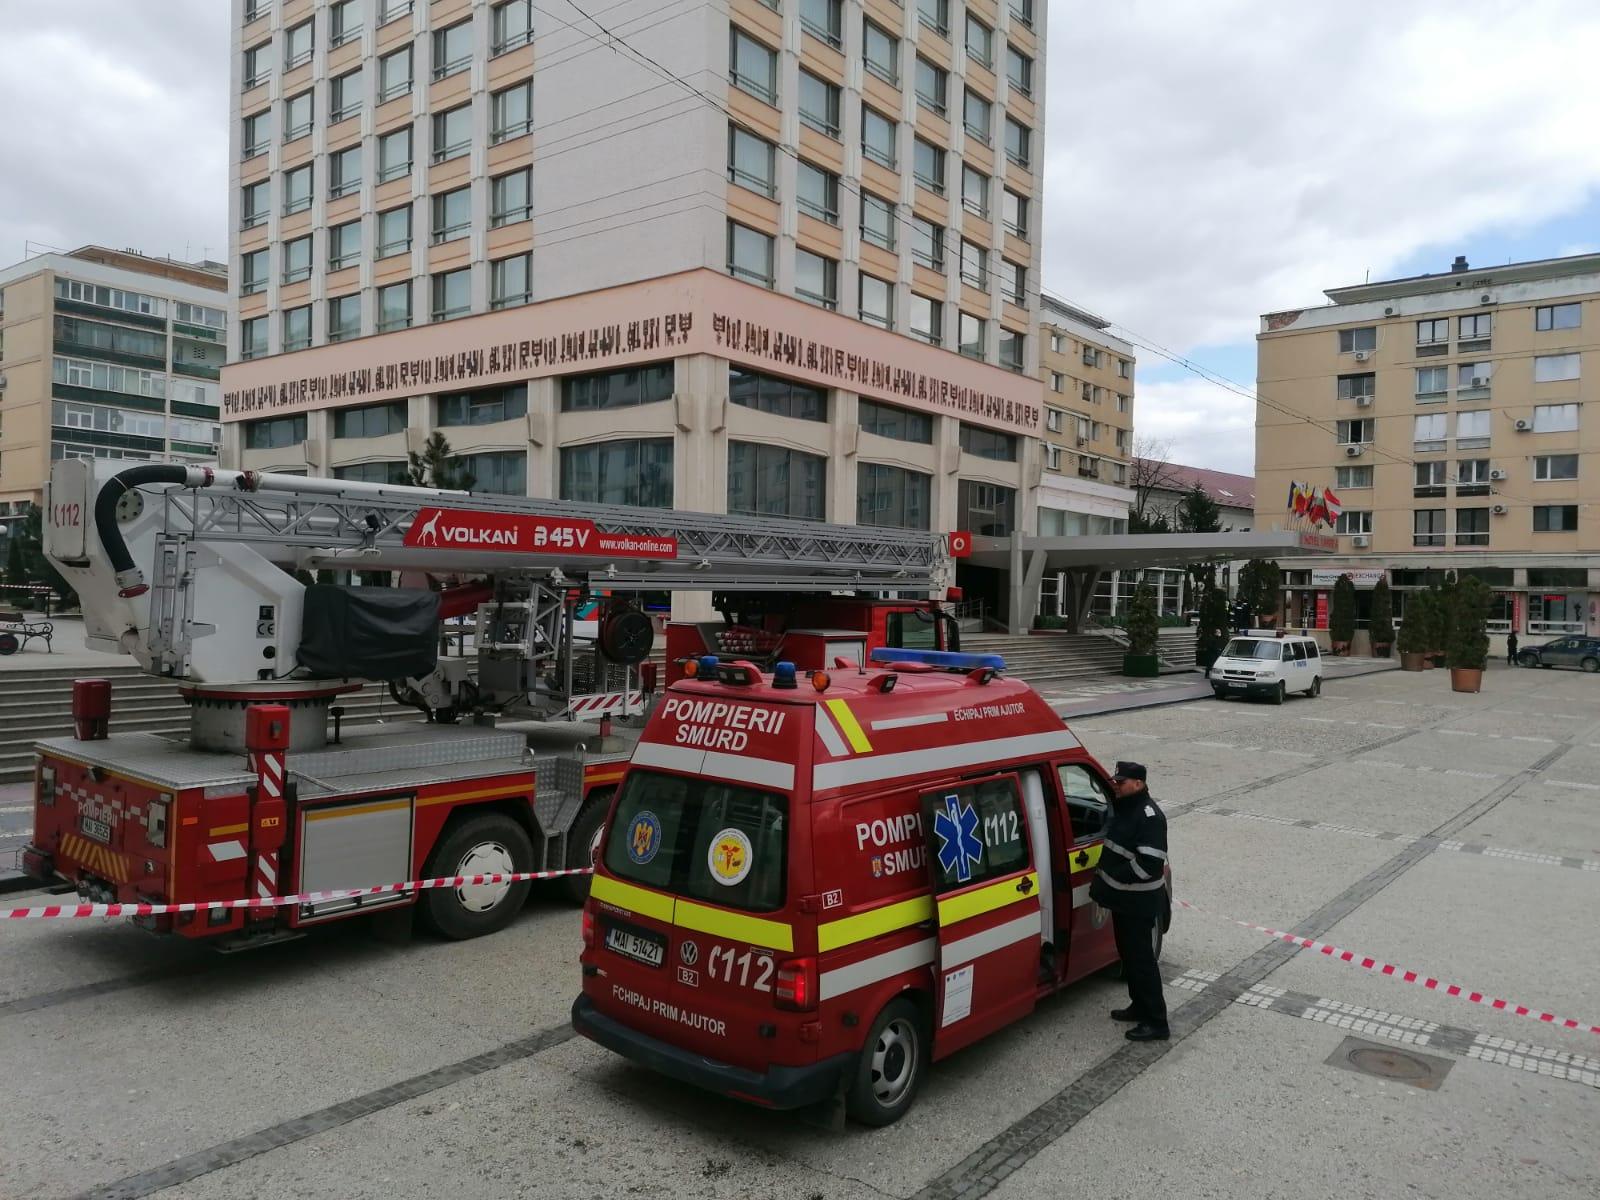 Alertă falsă cu bombă la un hotel din Iași. Este căutată persoana care a sunat la 112